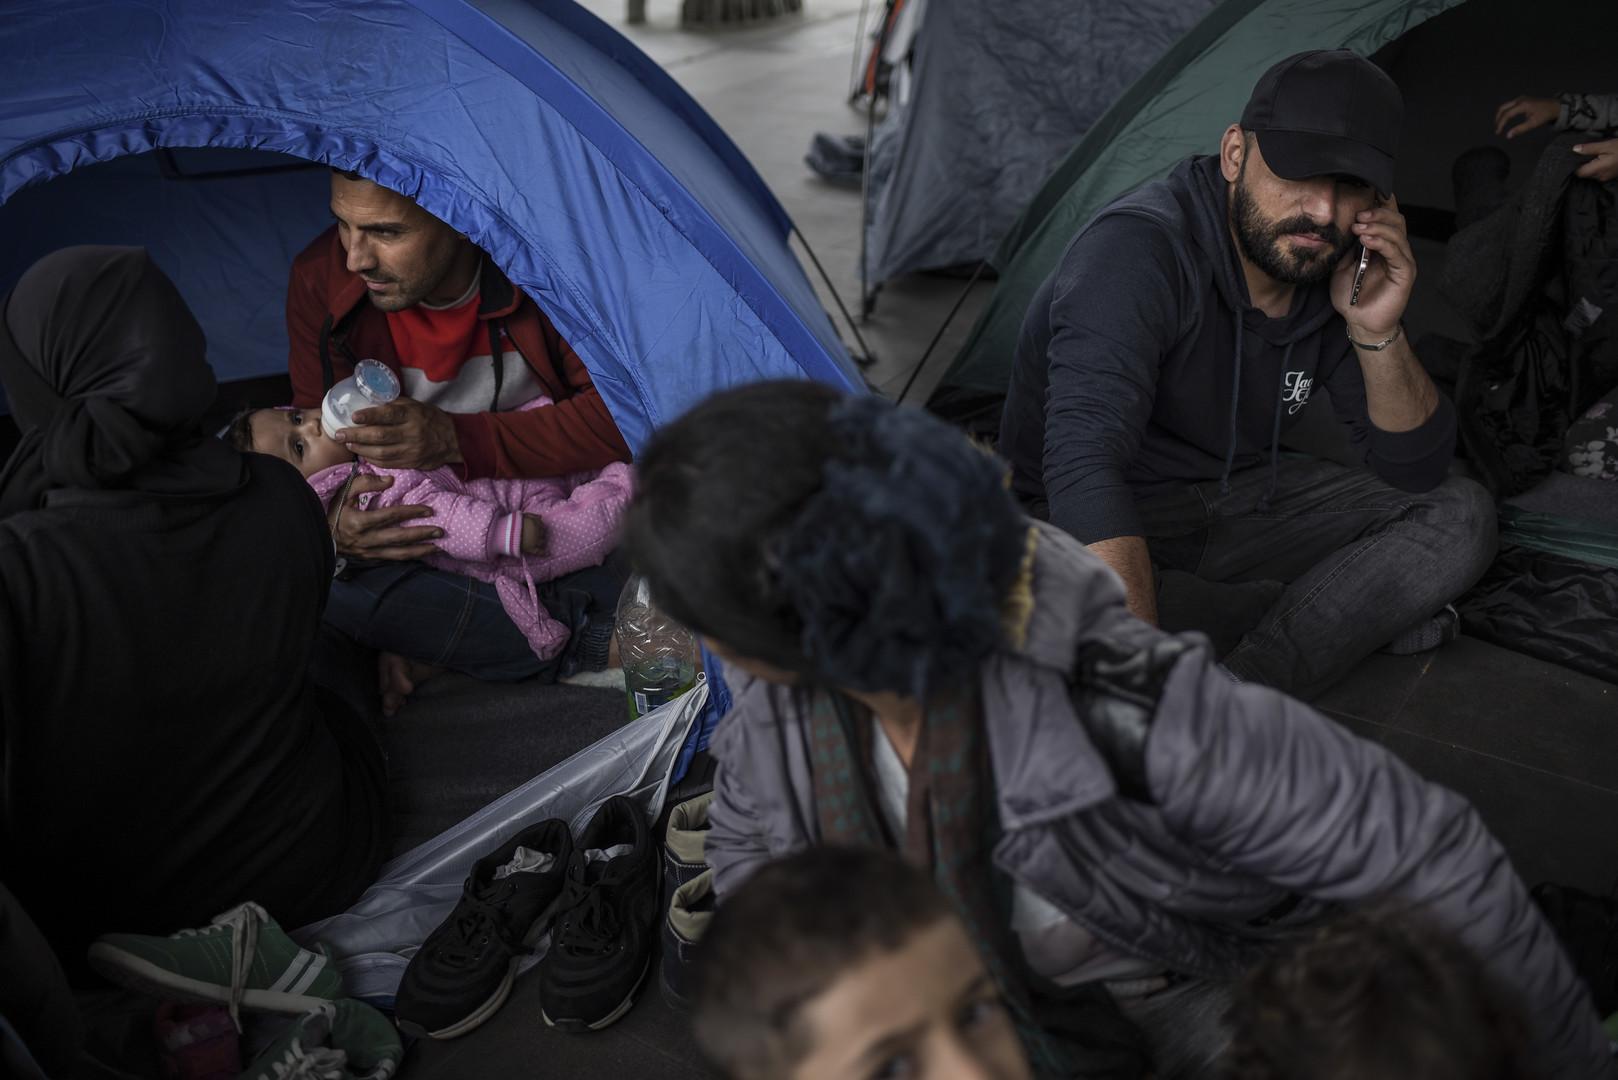 Grèce : des migrants envahissent les rails de la principale gare d'Athènes et bloquent son trafic